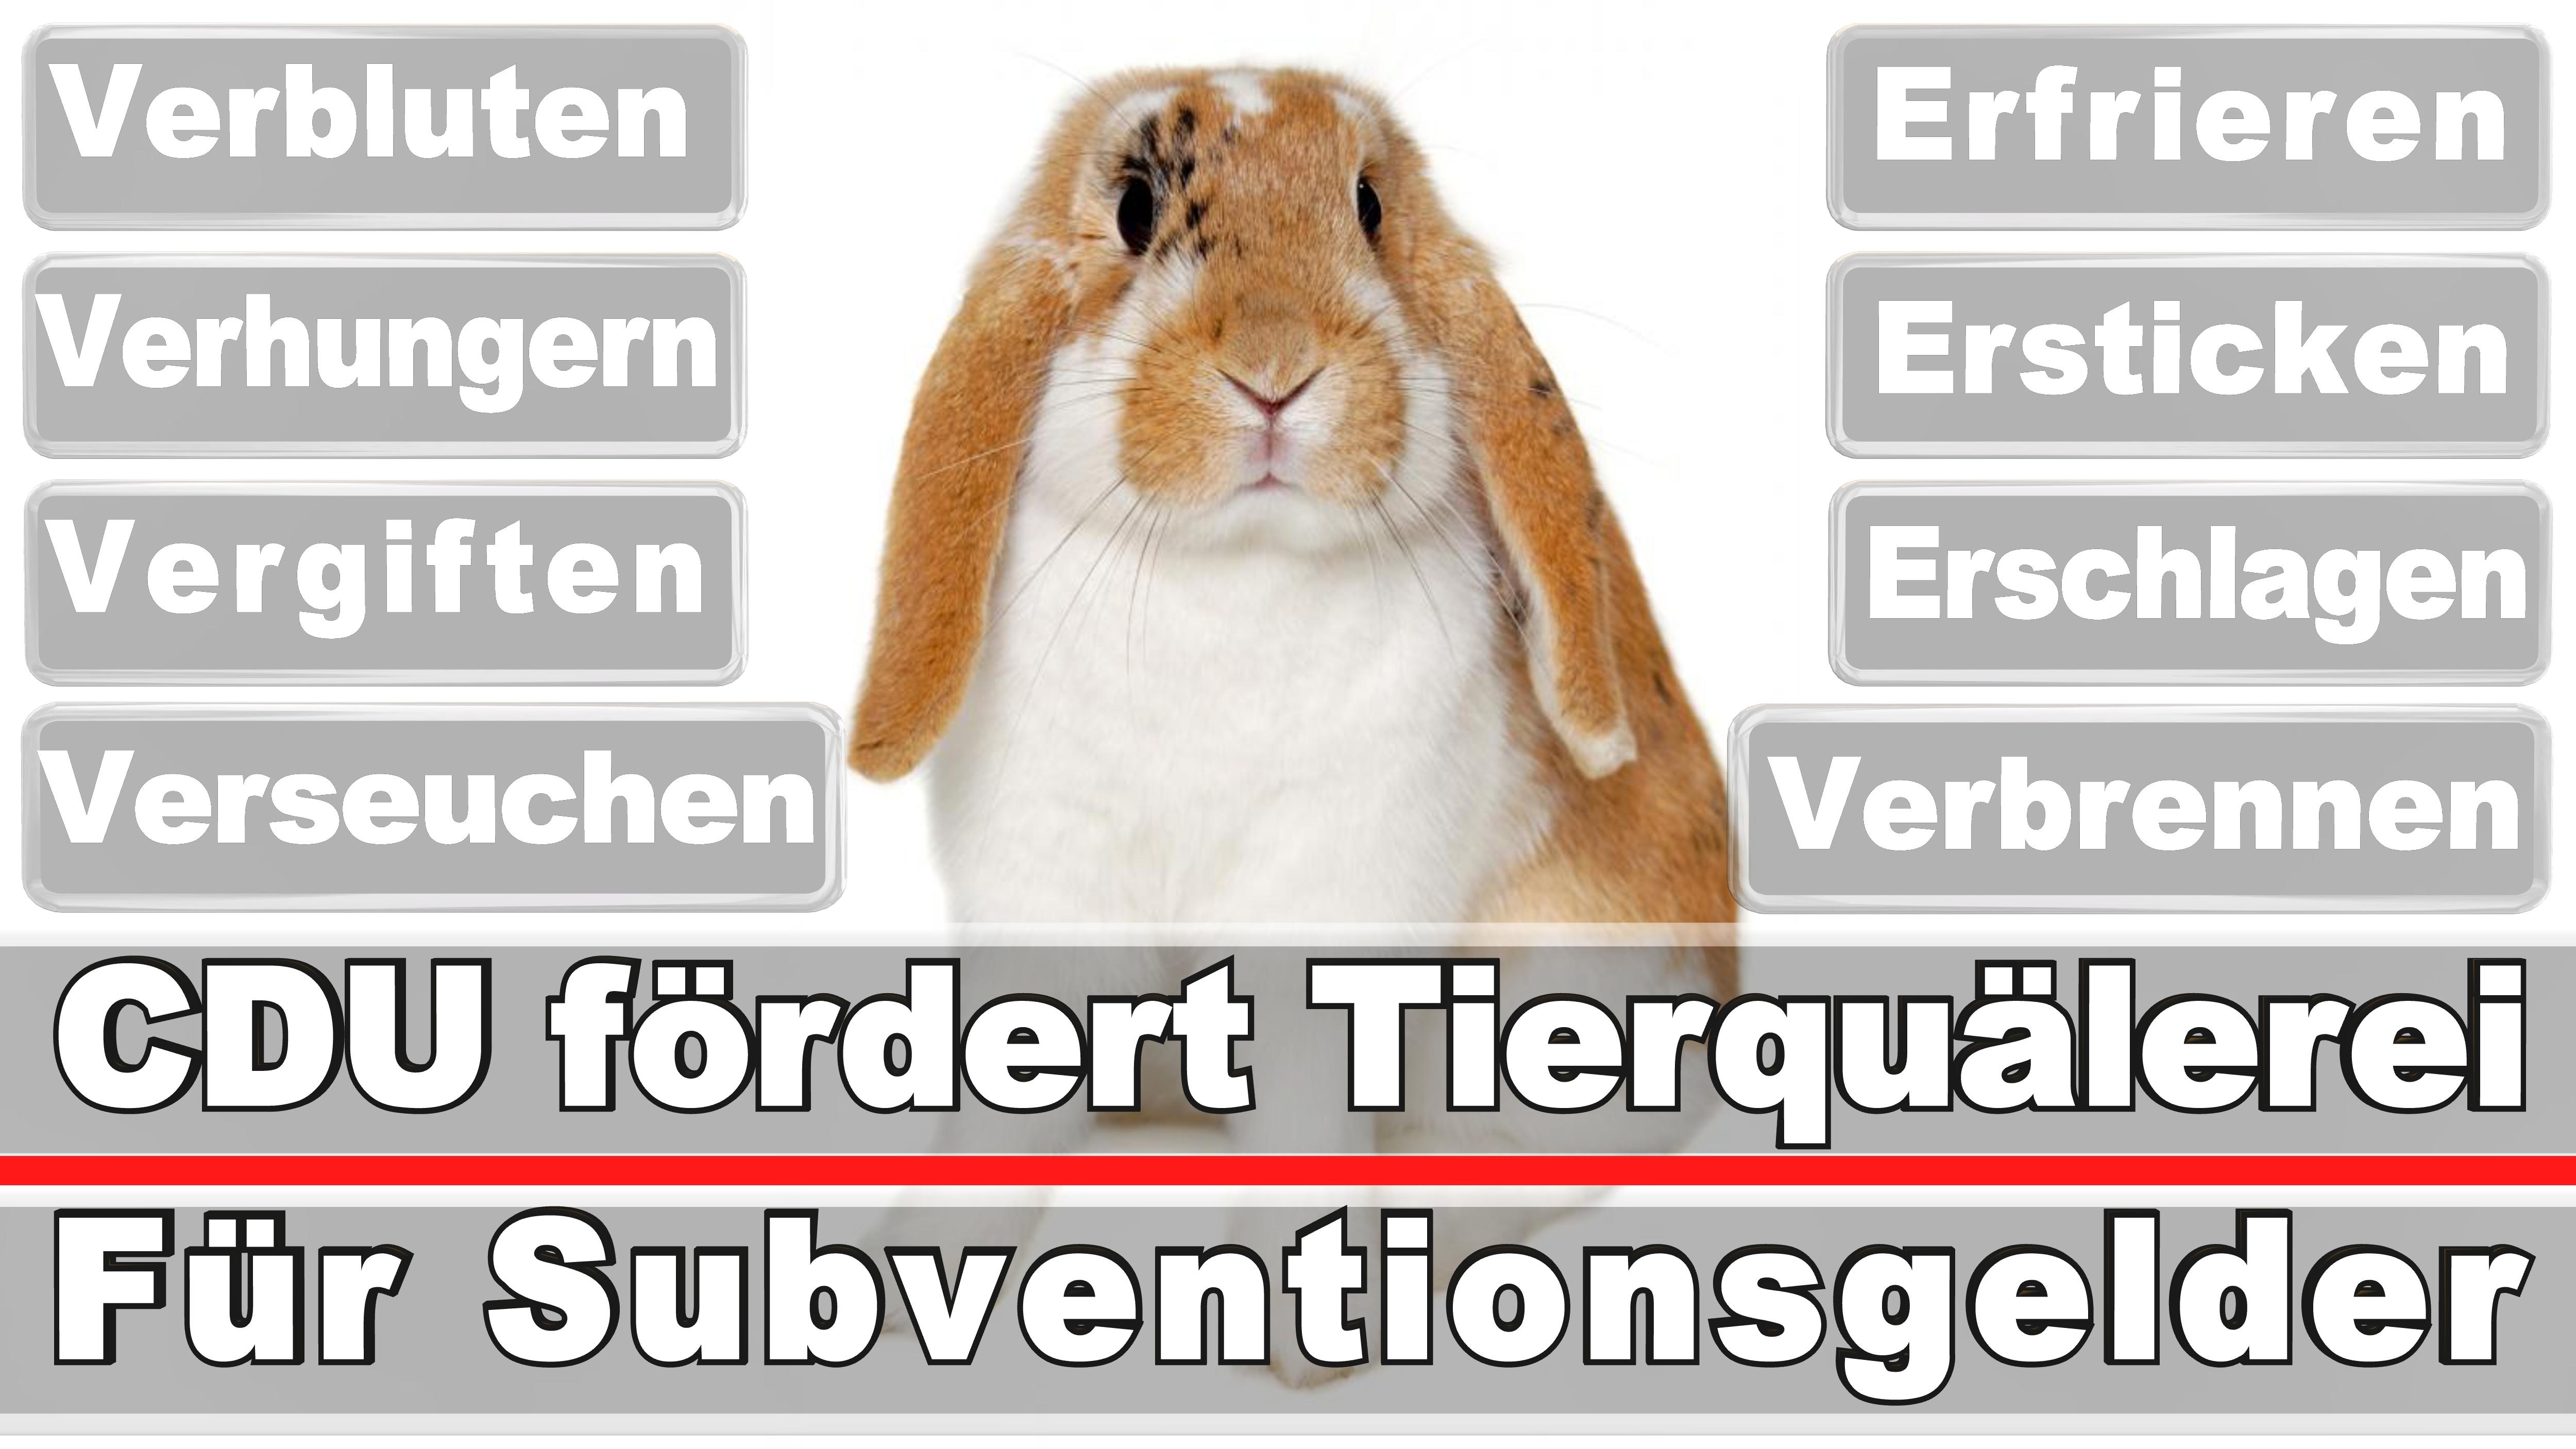 Landtagswahl-Bundestagswahl-CDU-SPD-FDP-AFD-Linke-Piraten (7)